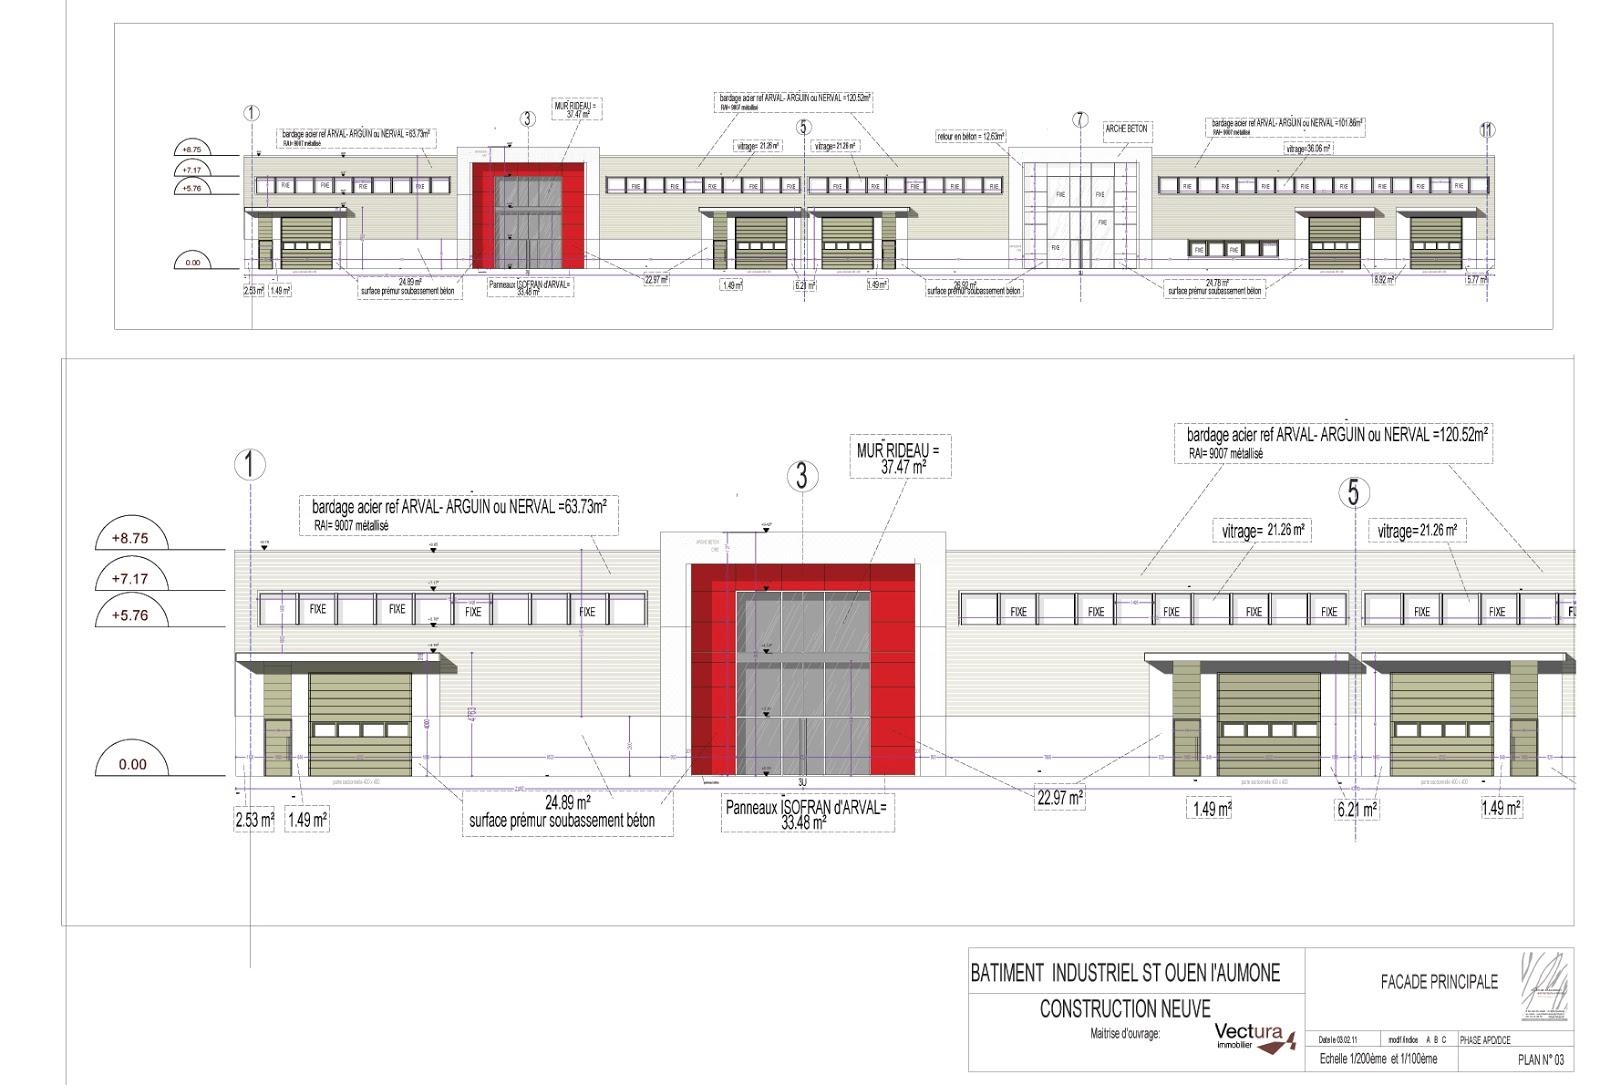 Sophie bannwart architecte d 39 int rieur chantier st ouen for Dce batiment